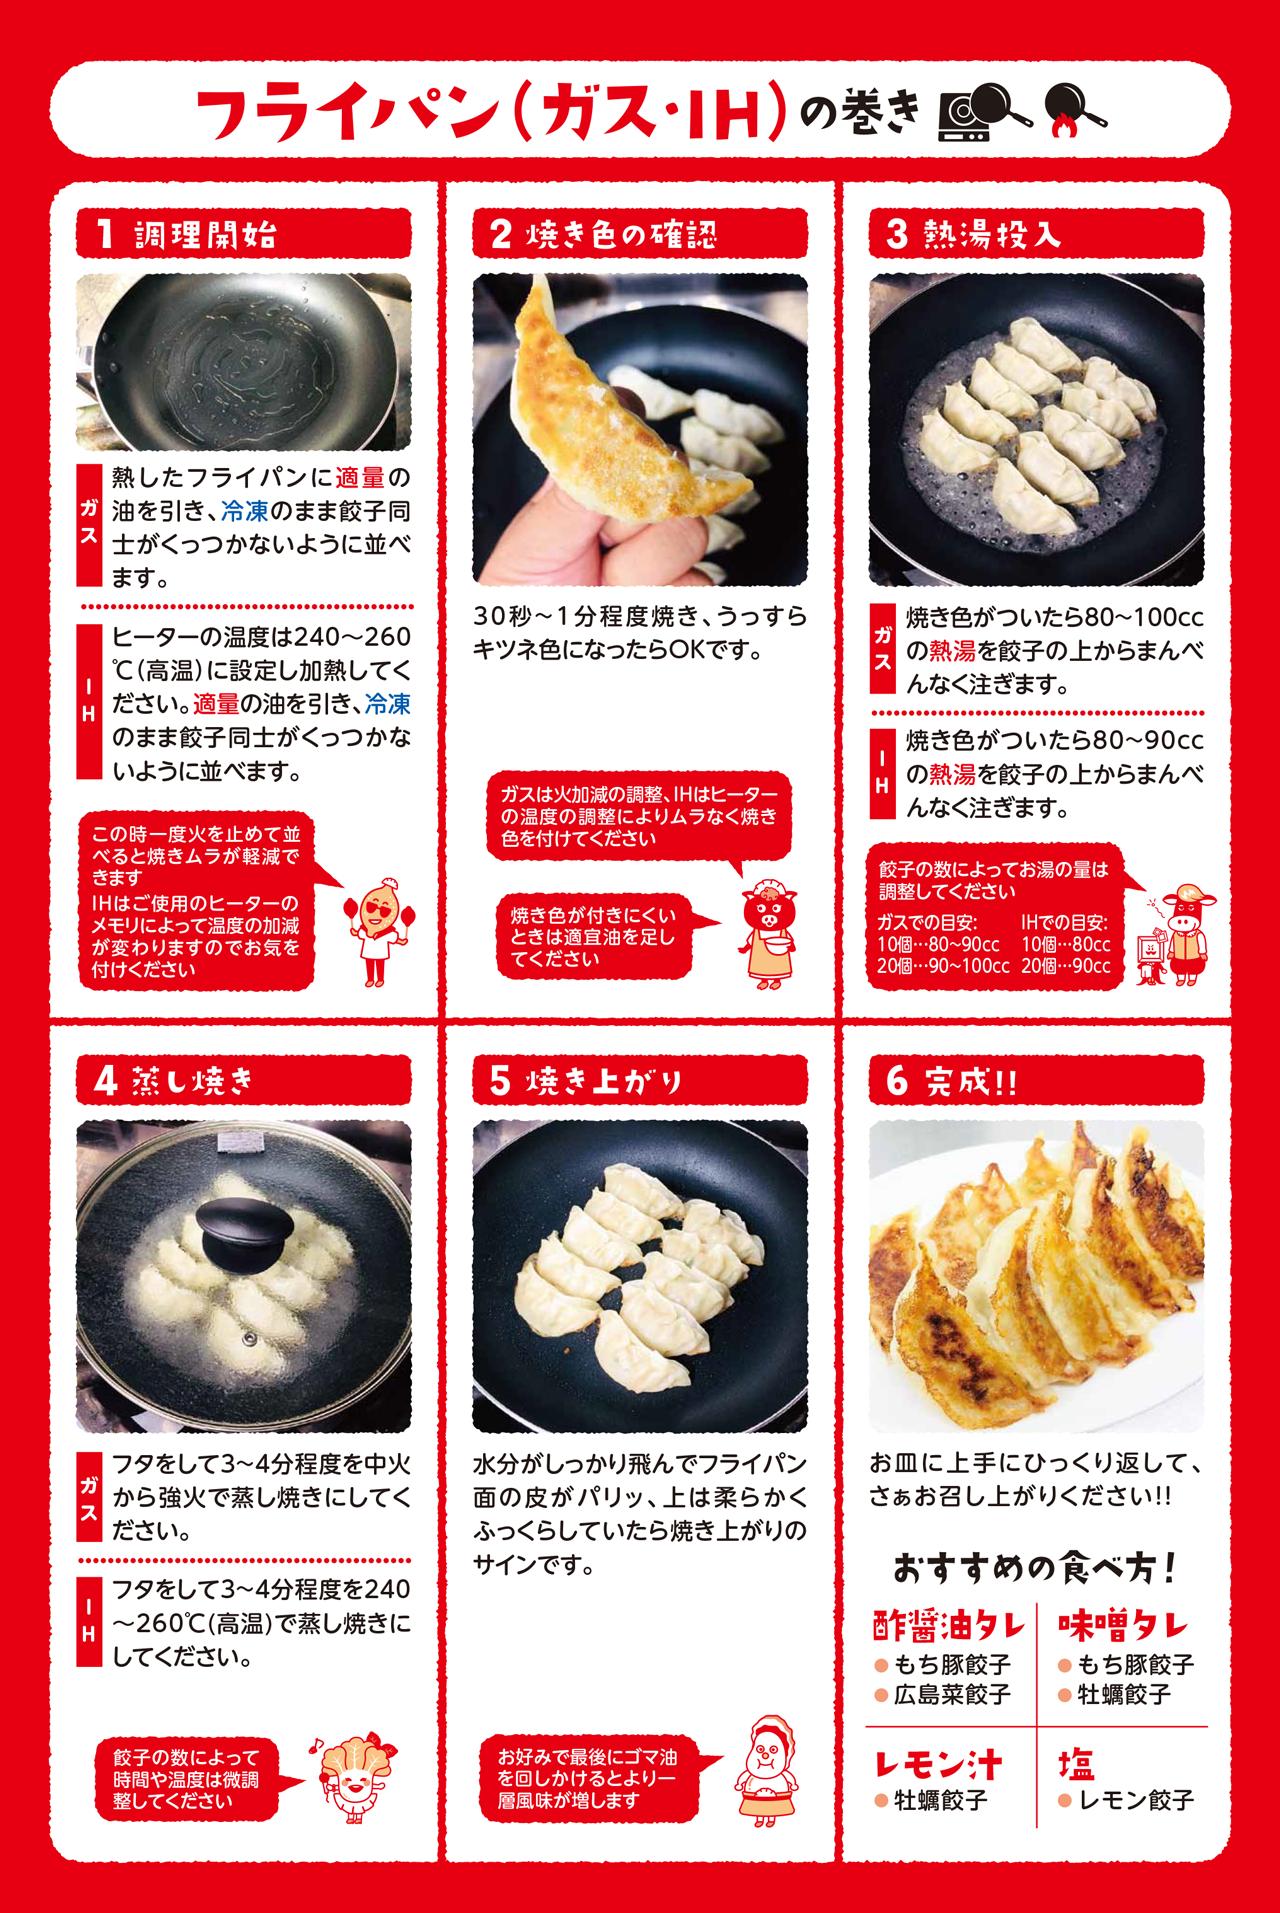 餃子のおいしい焼き方 フライパン(ガス・IH)の巻き